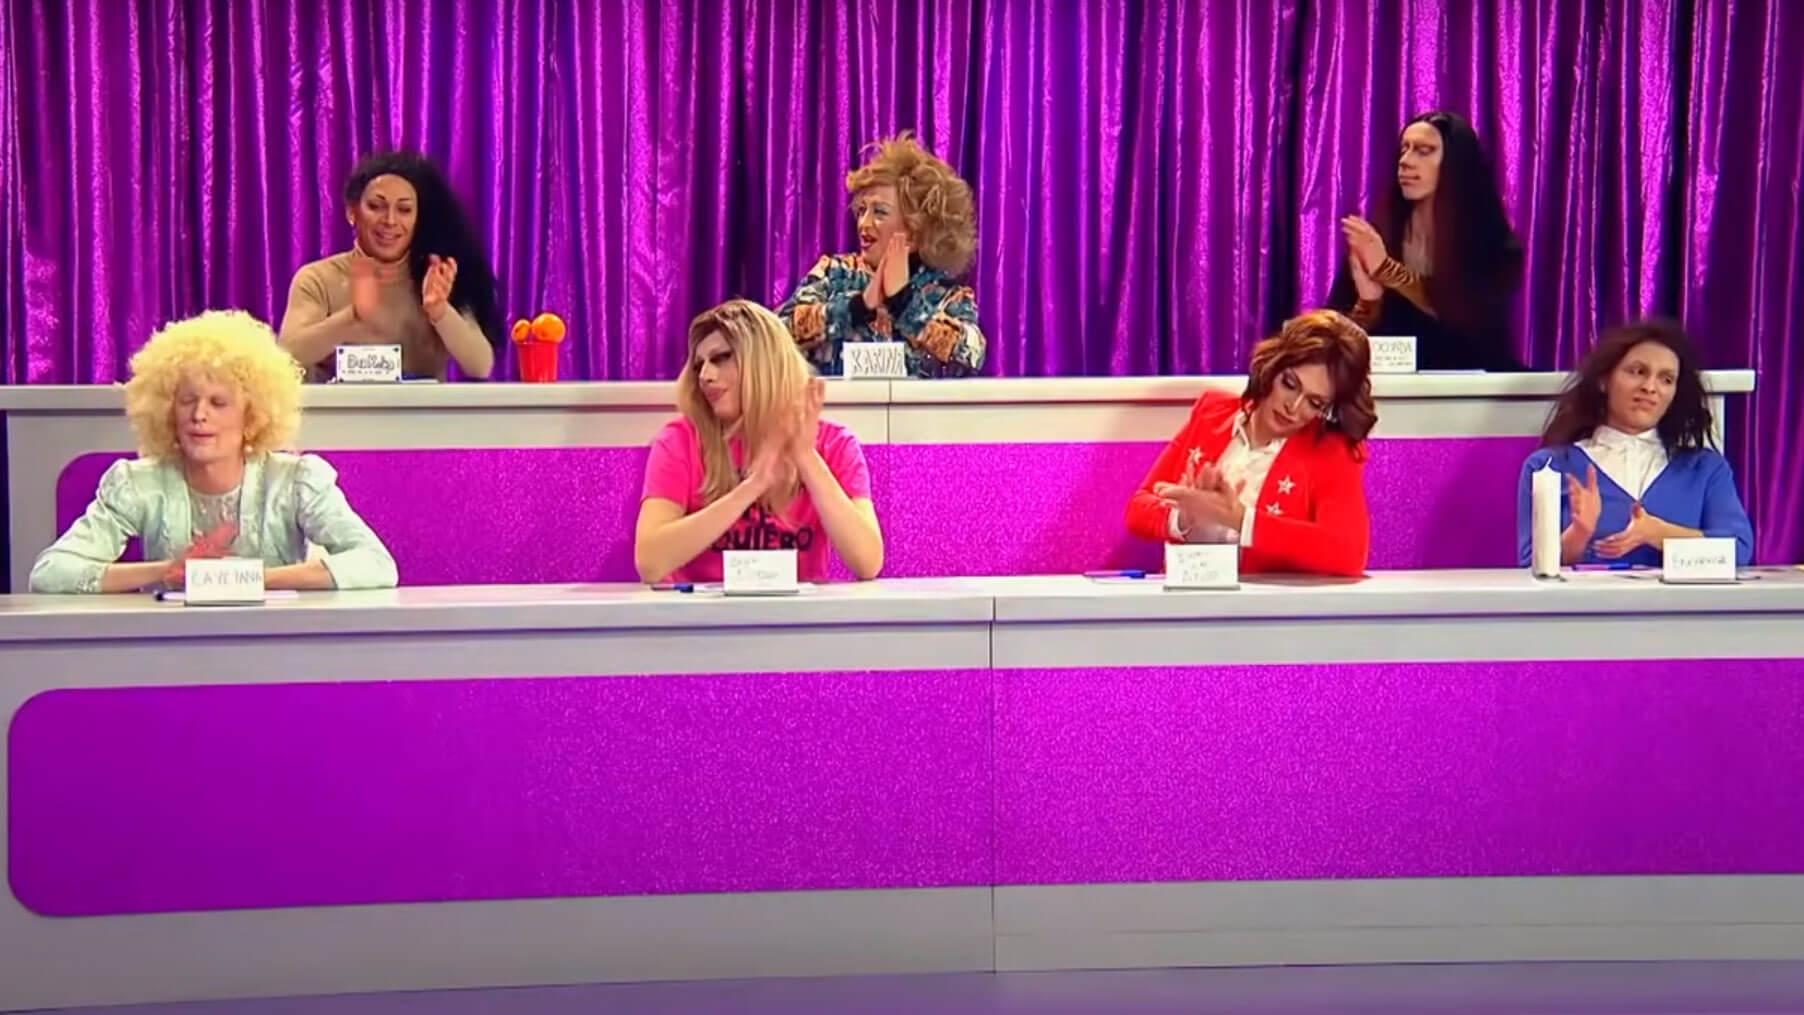 Drag Race concurso drag queen